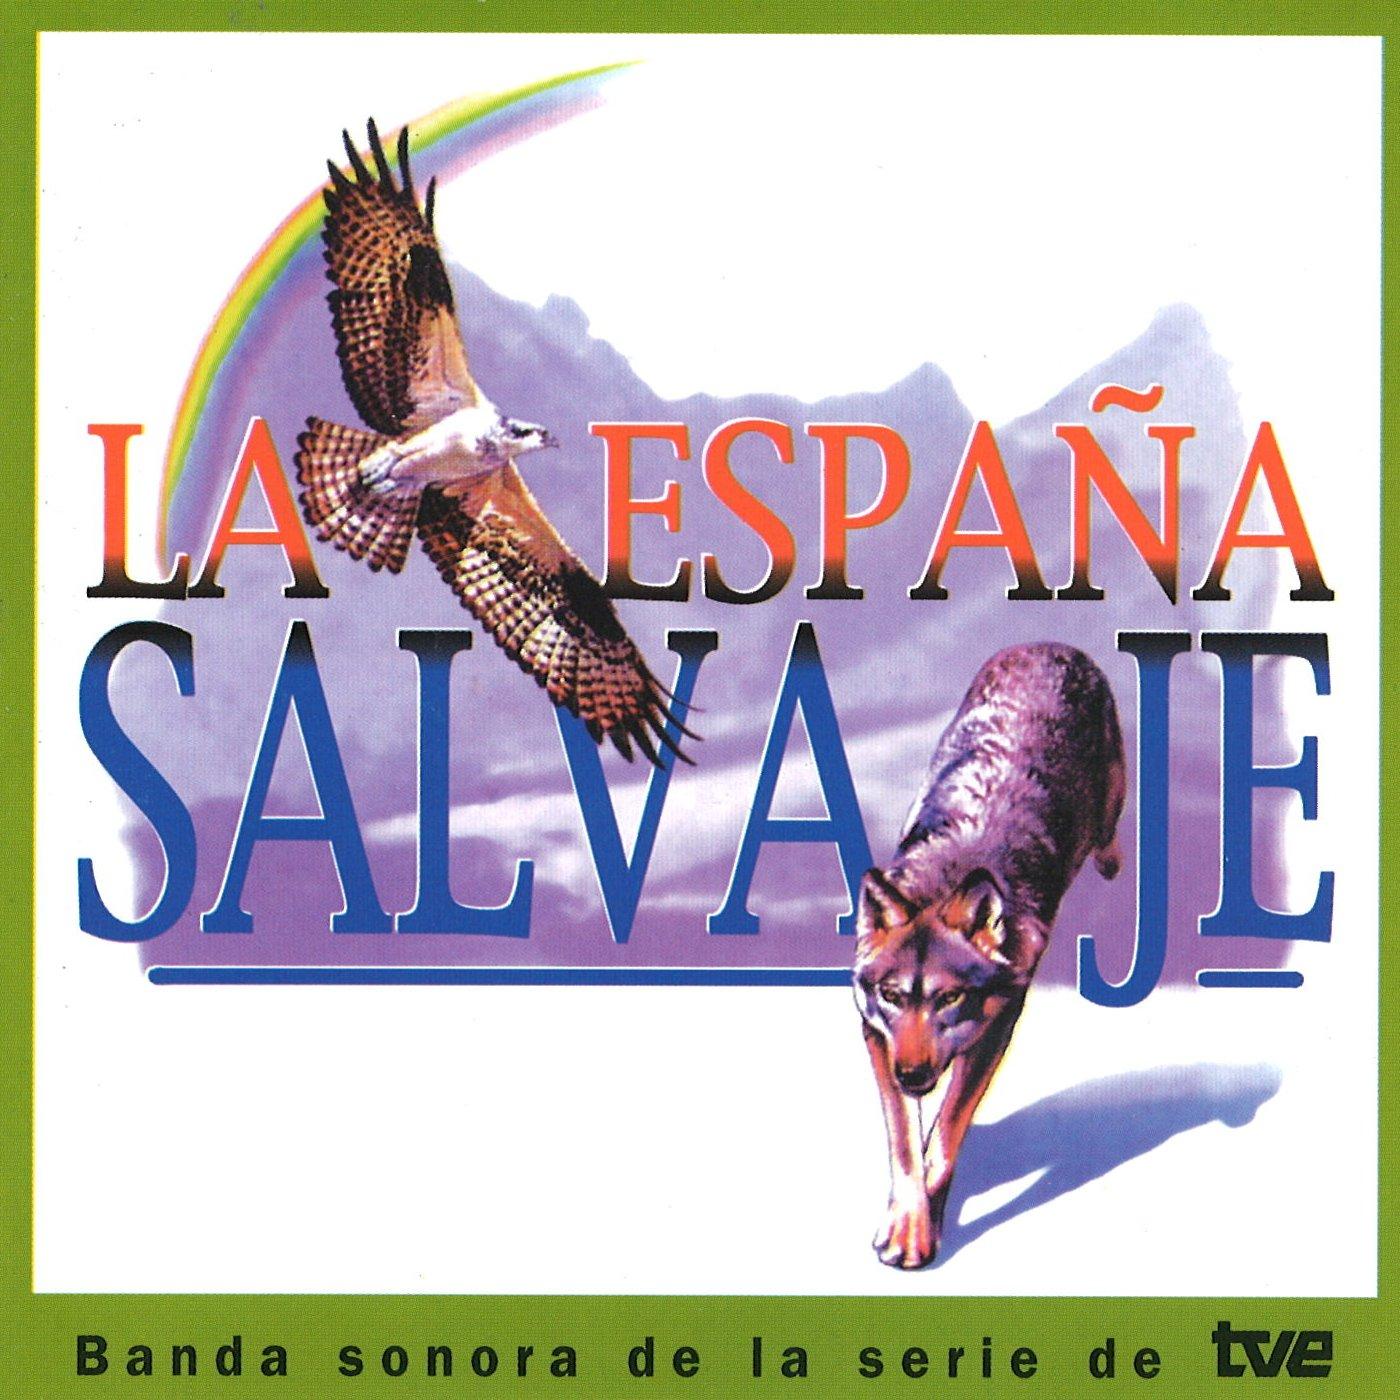 La España Salvaje: Varios Artistas, Varios Artistas: Amazon.es: Música